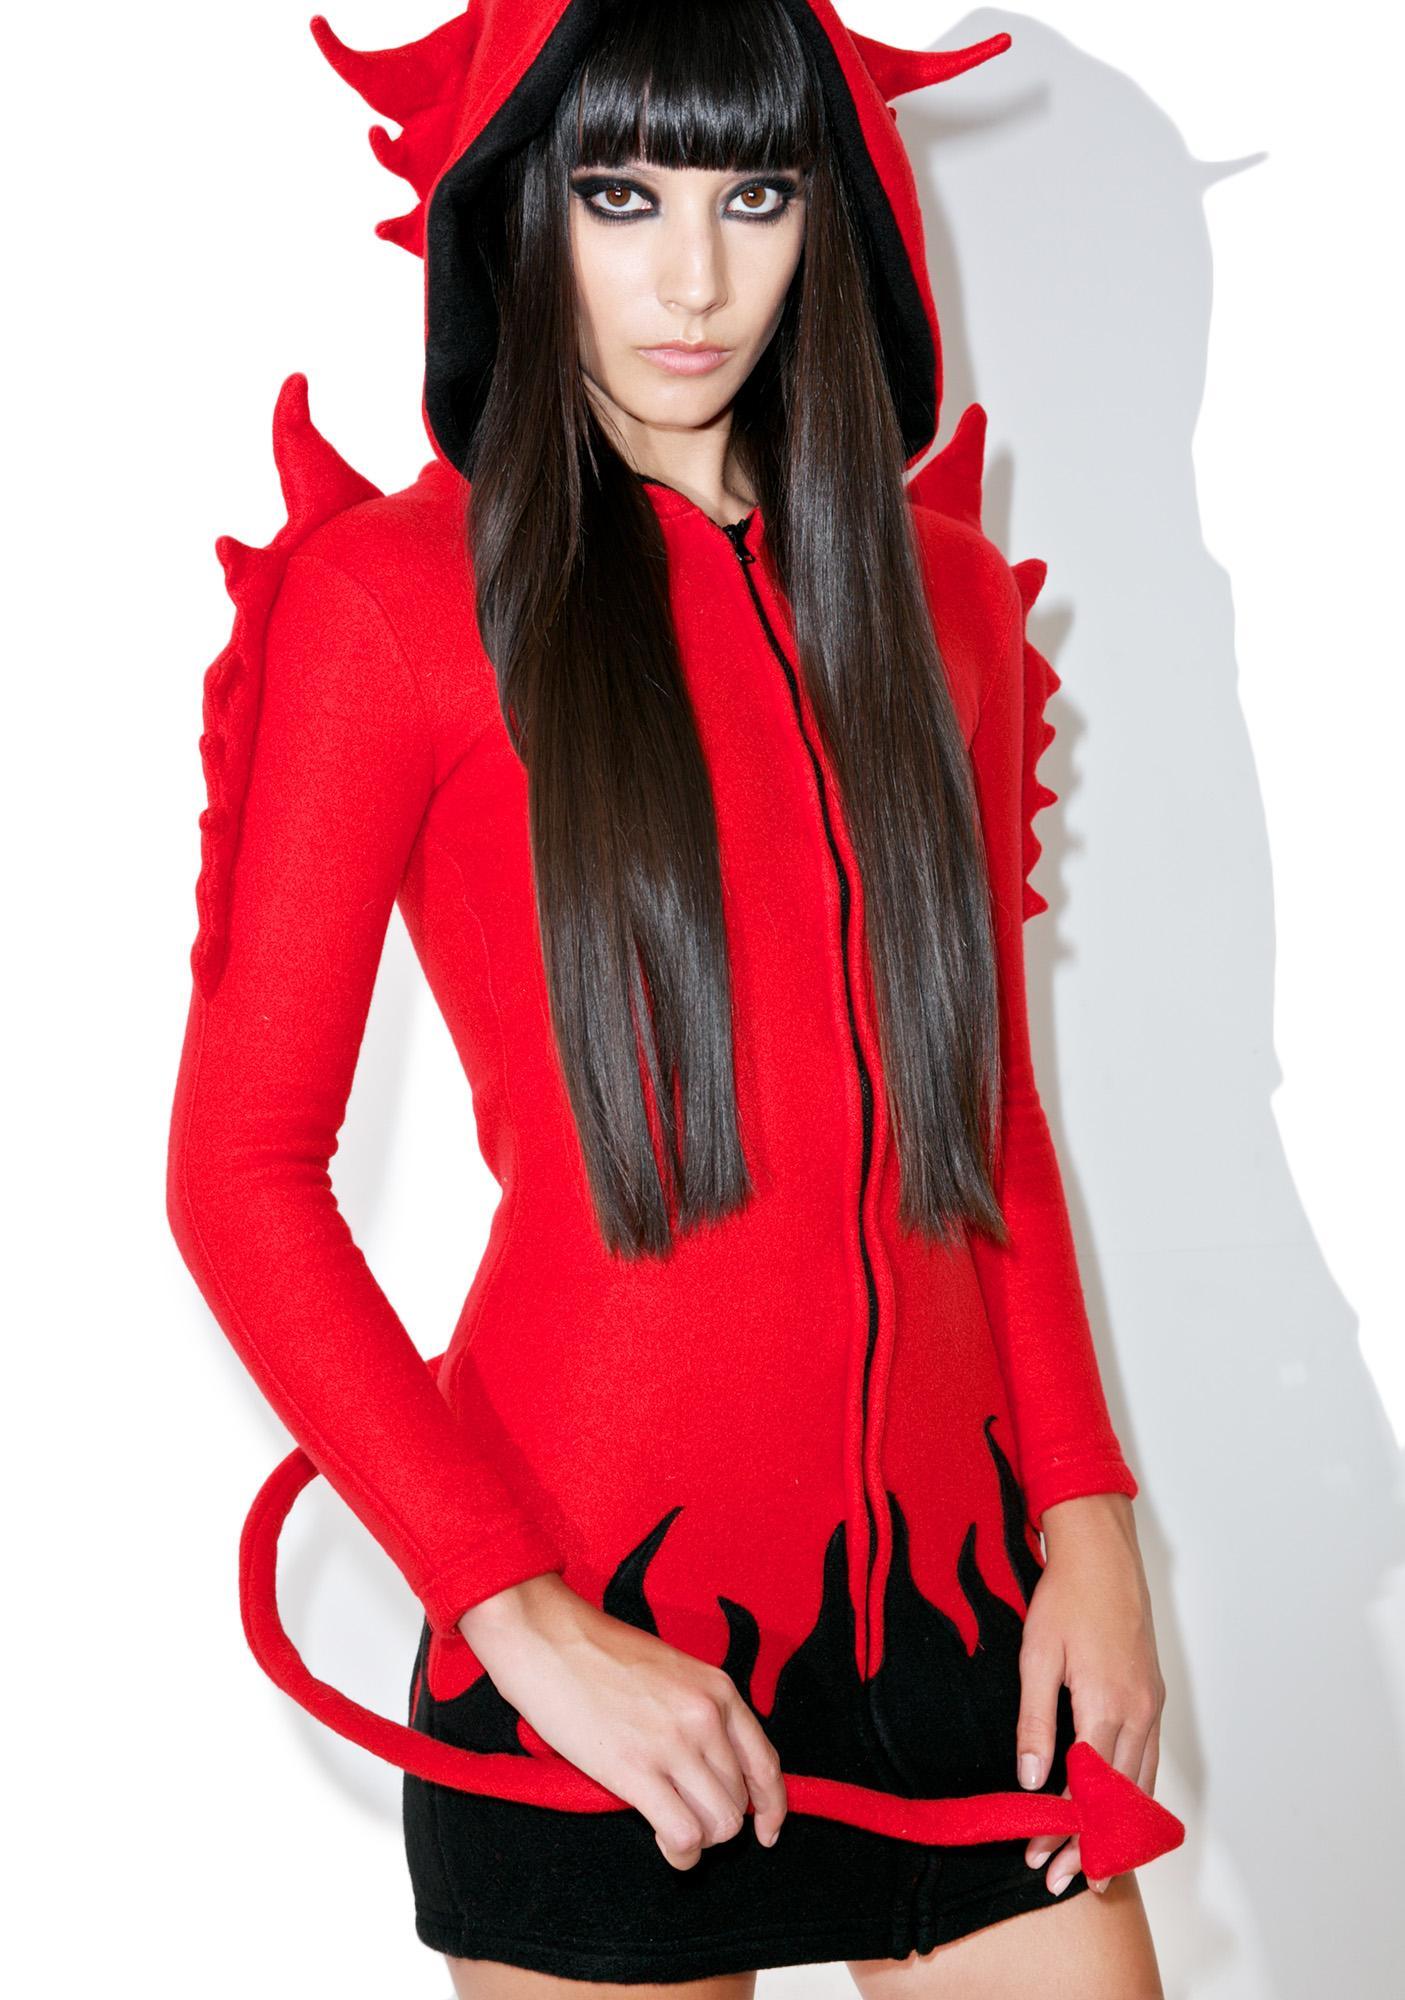 She Devil Horny Hood Costume